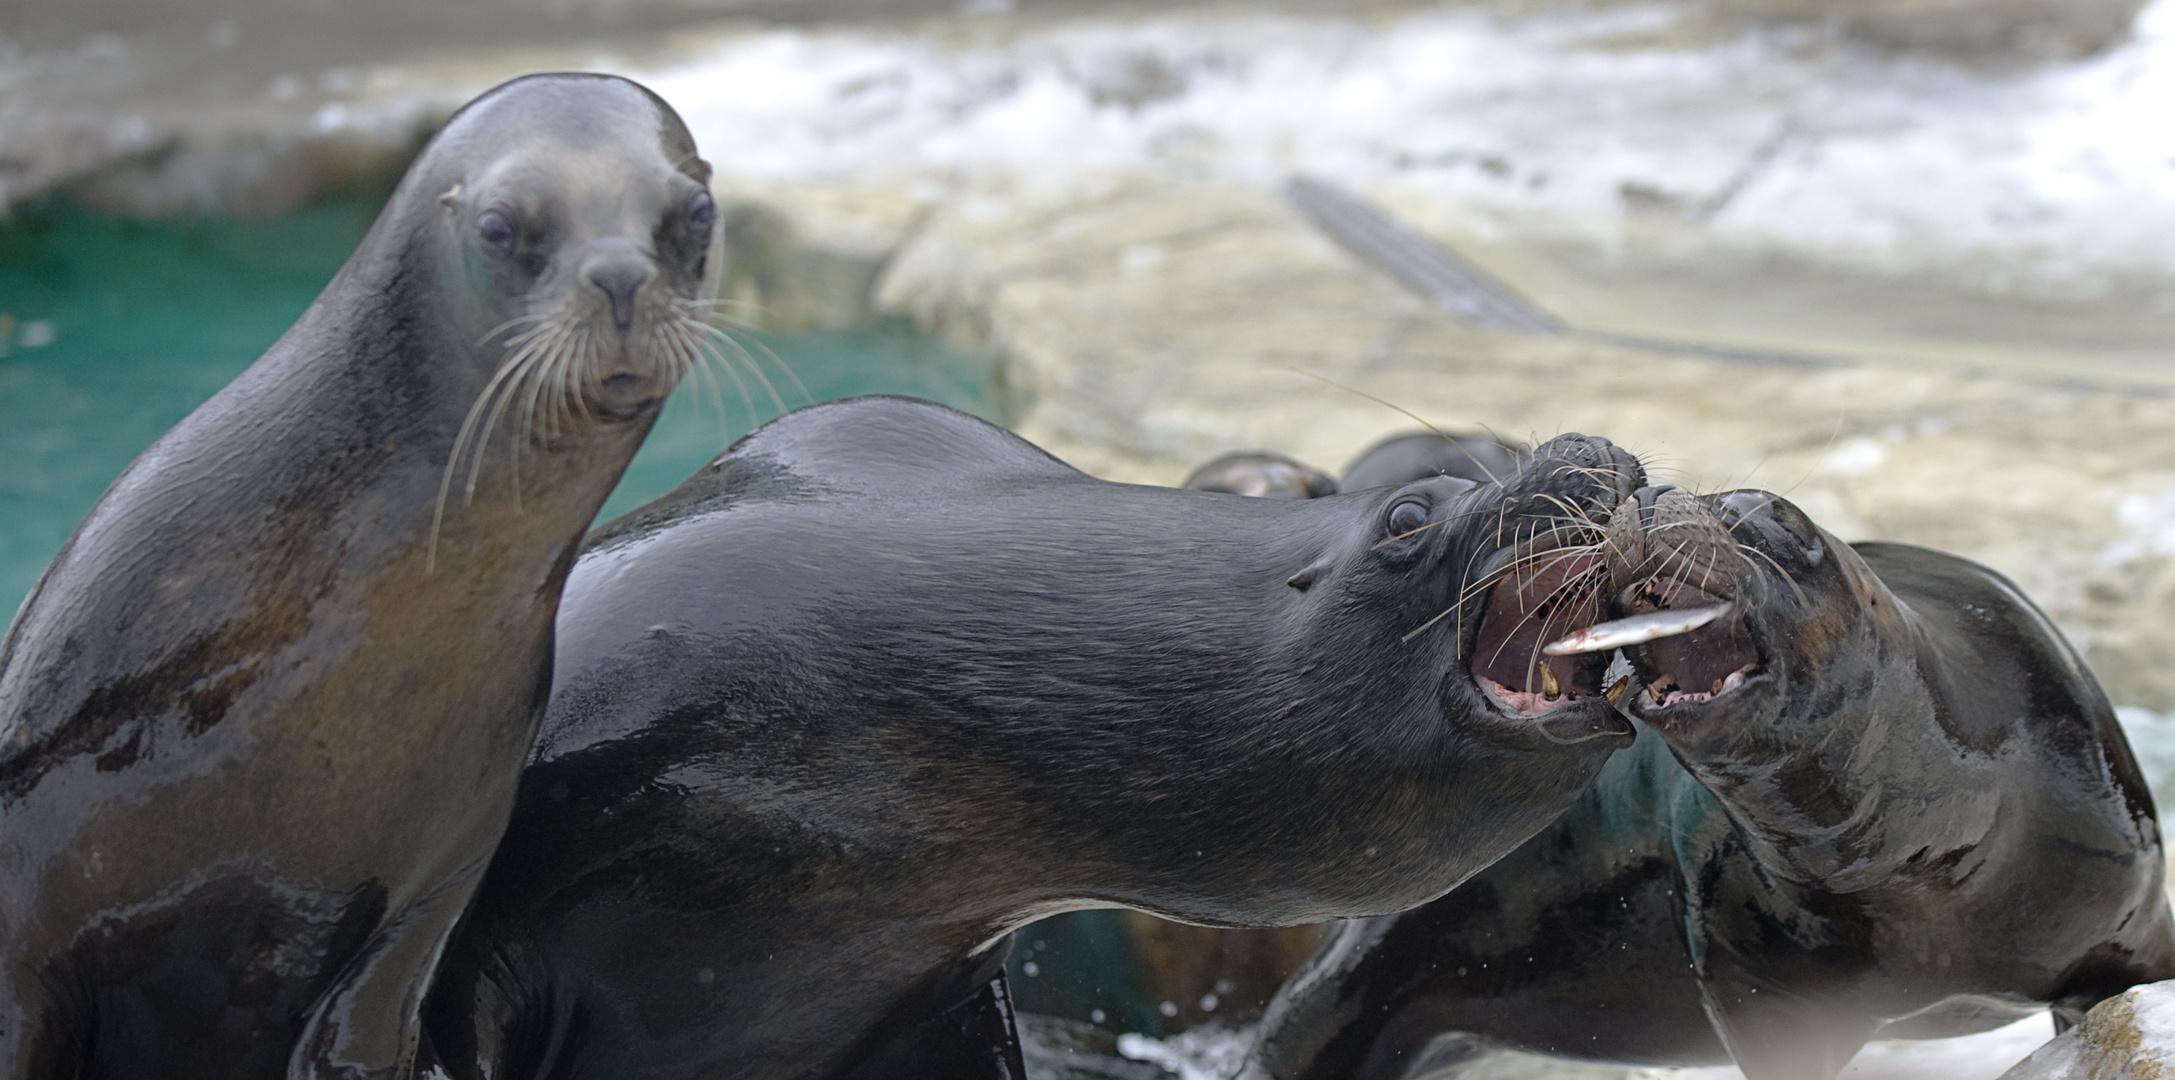 Seal Feeding #4